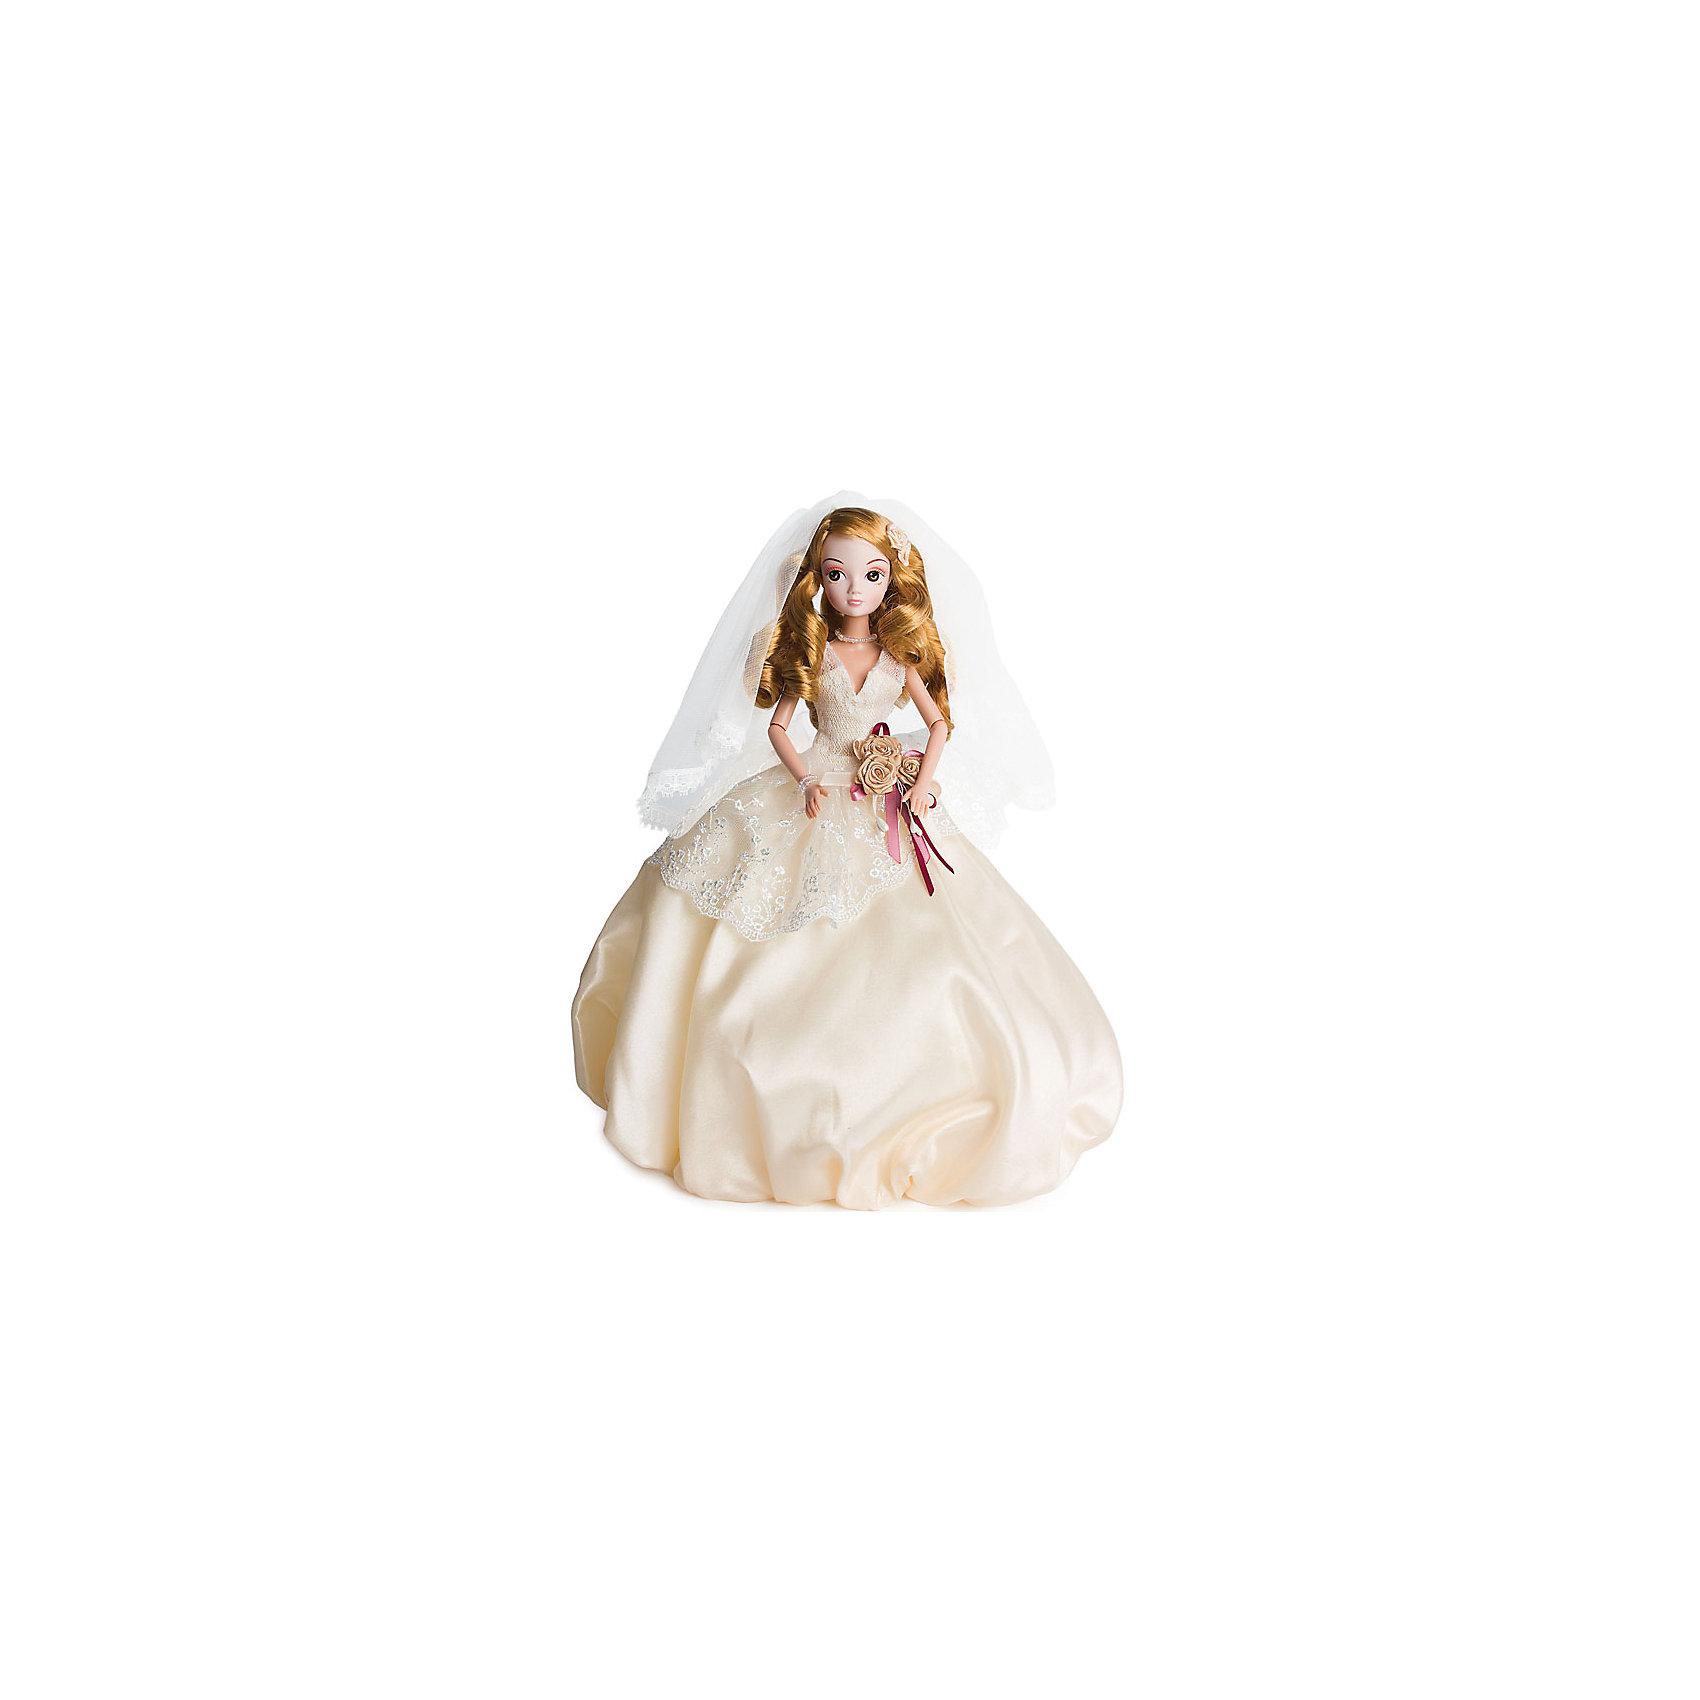 Кукла Адель, серия Золотая коллекция, Sonya RoseБренды кукол<br>Характеристики товара:<br><br>- цвет: разноцветный;<br>- материал: пластик, текстиль;<br>- особенности: подвижные руки и ноги, голова;<br>- размер упаковки: 23х32х7 см;<br>- комплектация: кукла, одежда, аксессуары;<br>- размер куклы: 27 см.<br><br>Такие красивые куклы не оставят ребенка равнодушным! Какая девочка откажется поиграть с куклой в прекрасном дизайнерском вечернем платье ручной работы?! Игрушка хорошо детализирована, очень качественно выполнена, поэтому она станет отличным подарком ребенку. В наборе идут одежда и аксессуары, которые можно снять! Кукла продается в нарядной подарочной упаковке.<br>При играх с куклами у детей активизируется мышление, воображение, развиваются творческие способности, нарабатываются варианты социального взаимодействия, дети учатся заботиться о других. Изделие произведено из высококачественного материала, безопасного для детей.<br><br>Куклу Адель, серия Золотая коллекция, от бренда Sonya Rose можно купить в нашем интернет-магазине.<br><br>Ширина мм: 230<br>Глубина мм: 320<br>Высота мм: 70<br>Вес г: 366<br>Возраст от месяцев: 36<br>Возраст до месяцев: 2147483647<br>Пол: Женский<br>Возраст: Детский<br>SKU: 5079166